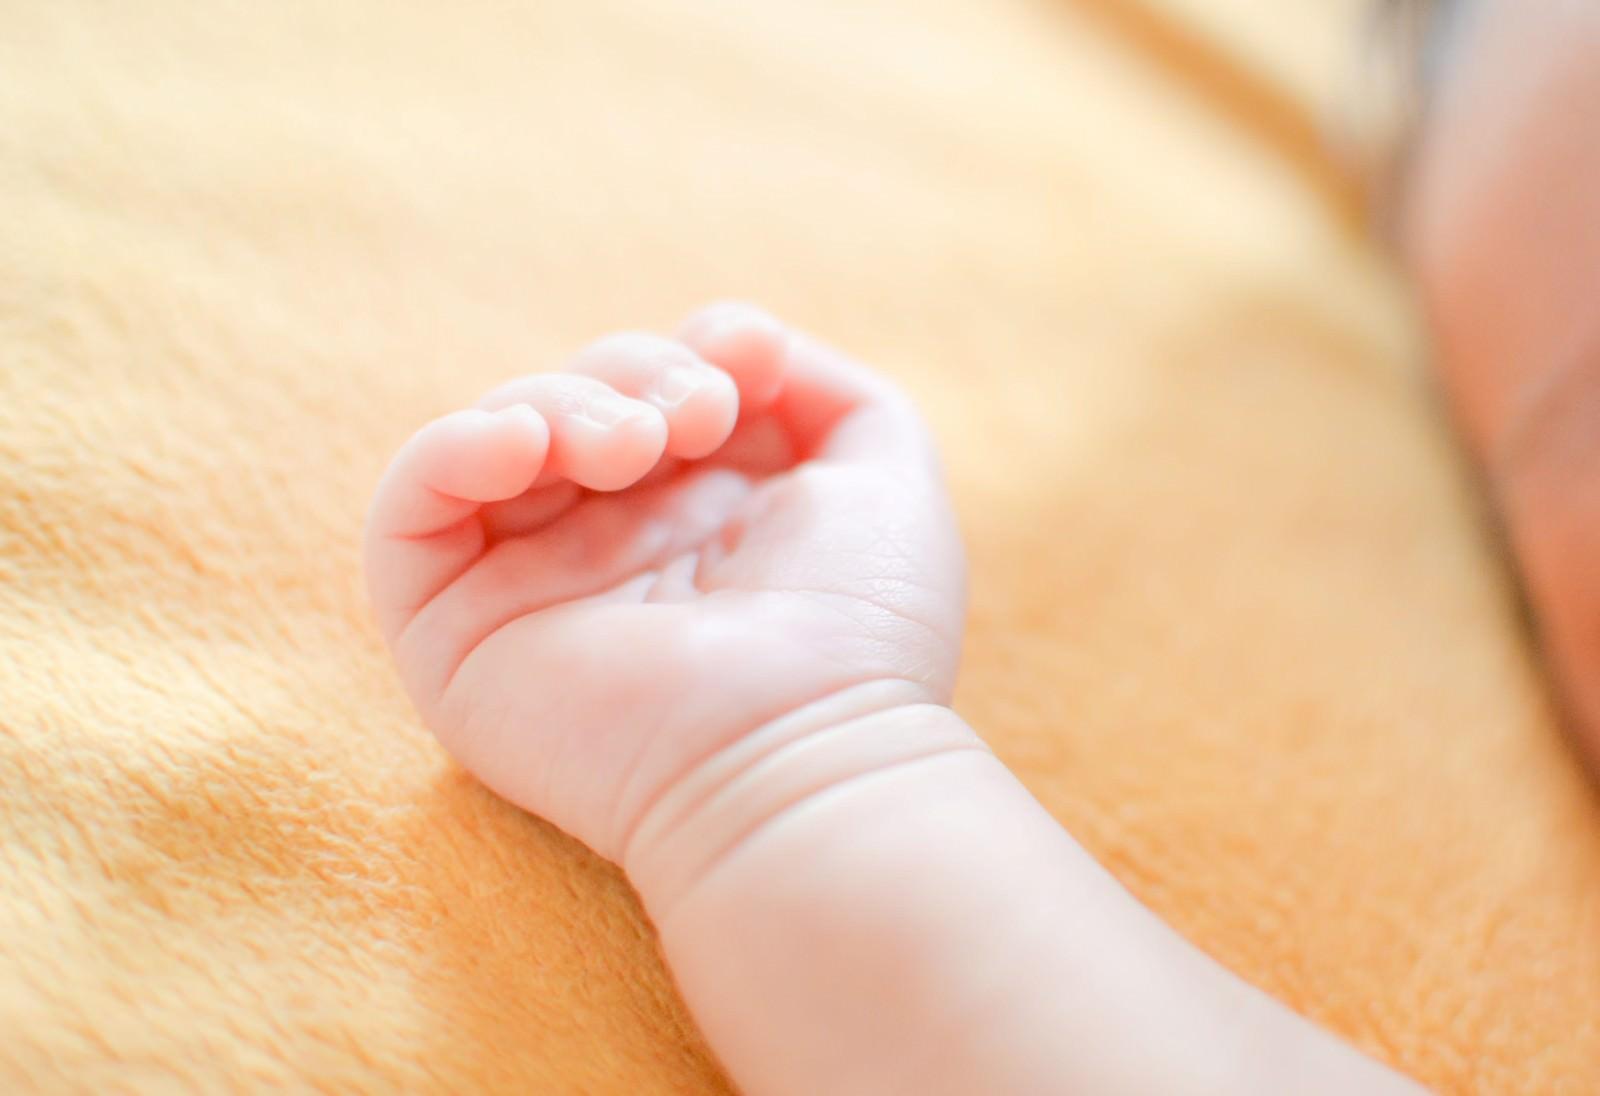 「生まれたばかりの赤ちゃんの手生まれたばかりの赤ちゃんの手」のフリー写真素材を拡大